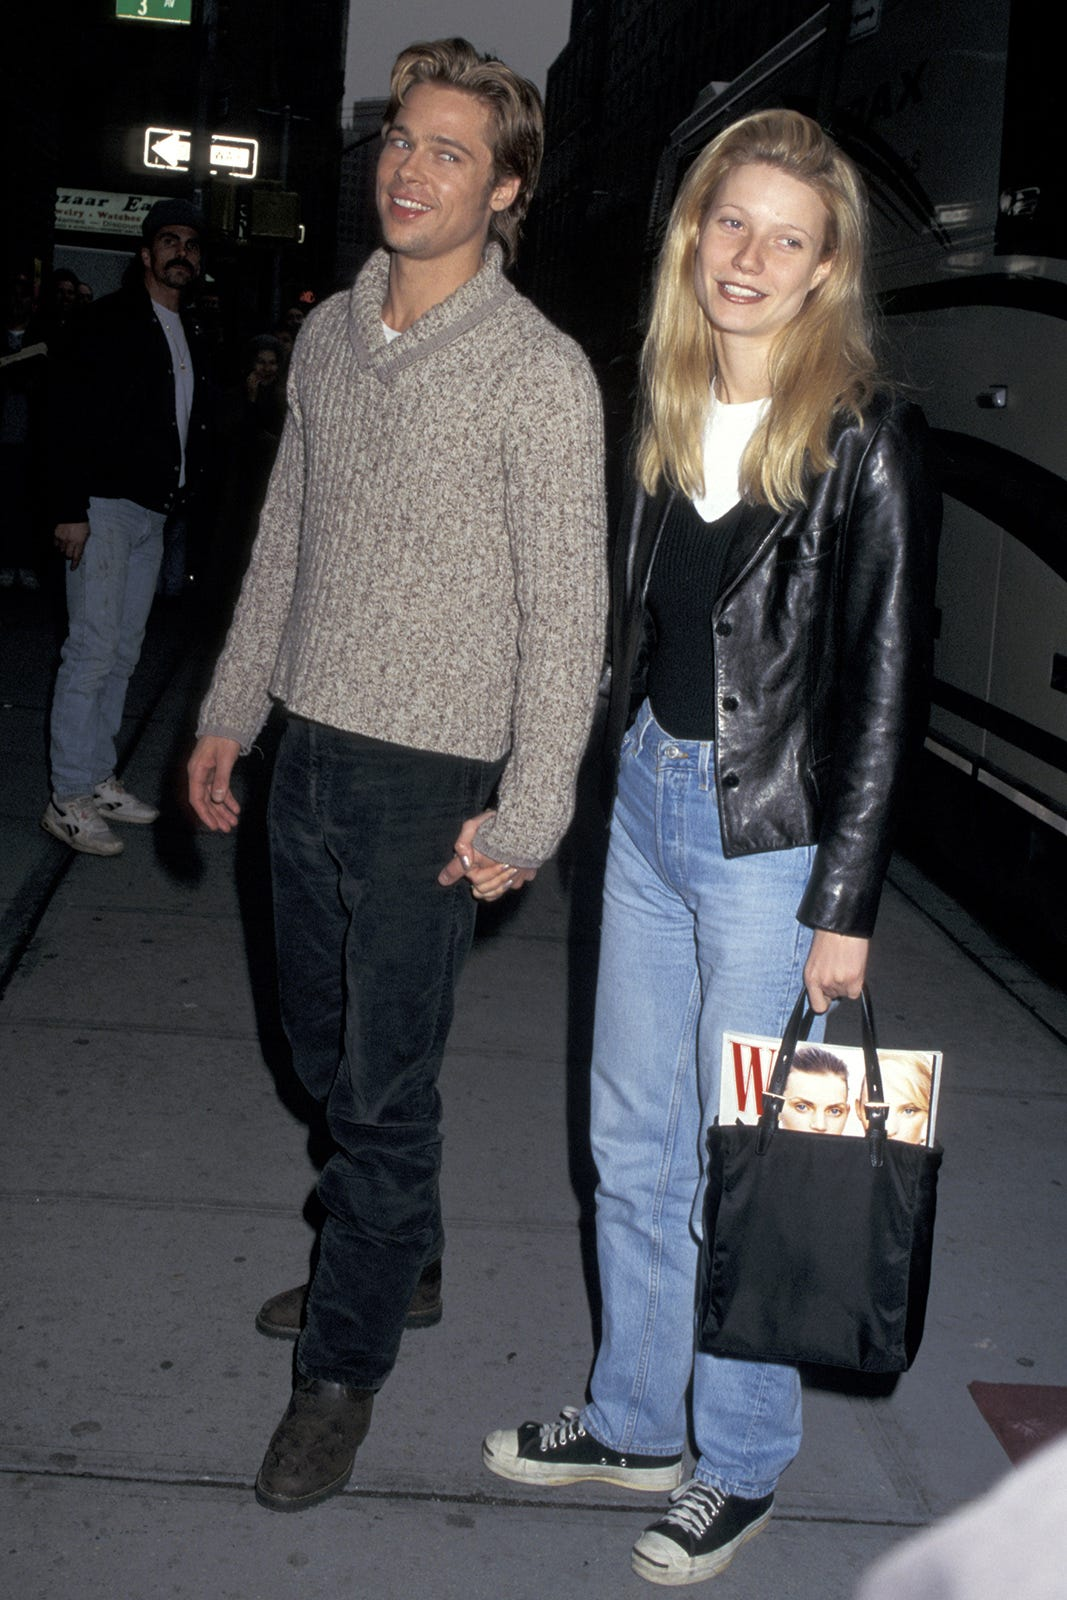 Gwyneth Paltrow Lookbook Throwback 90s Fashion Photos